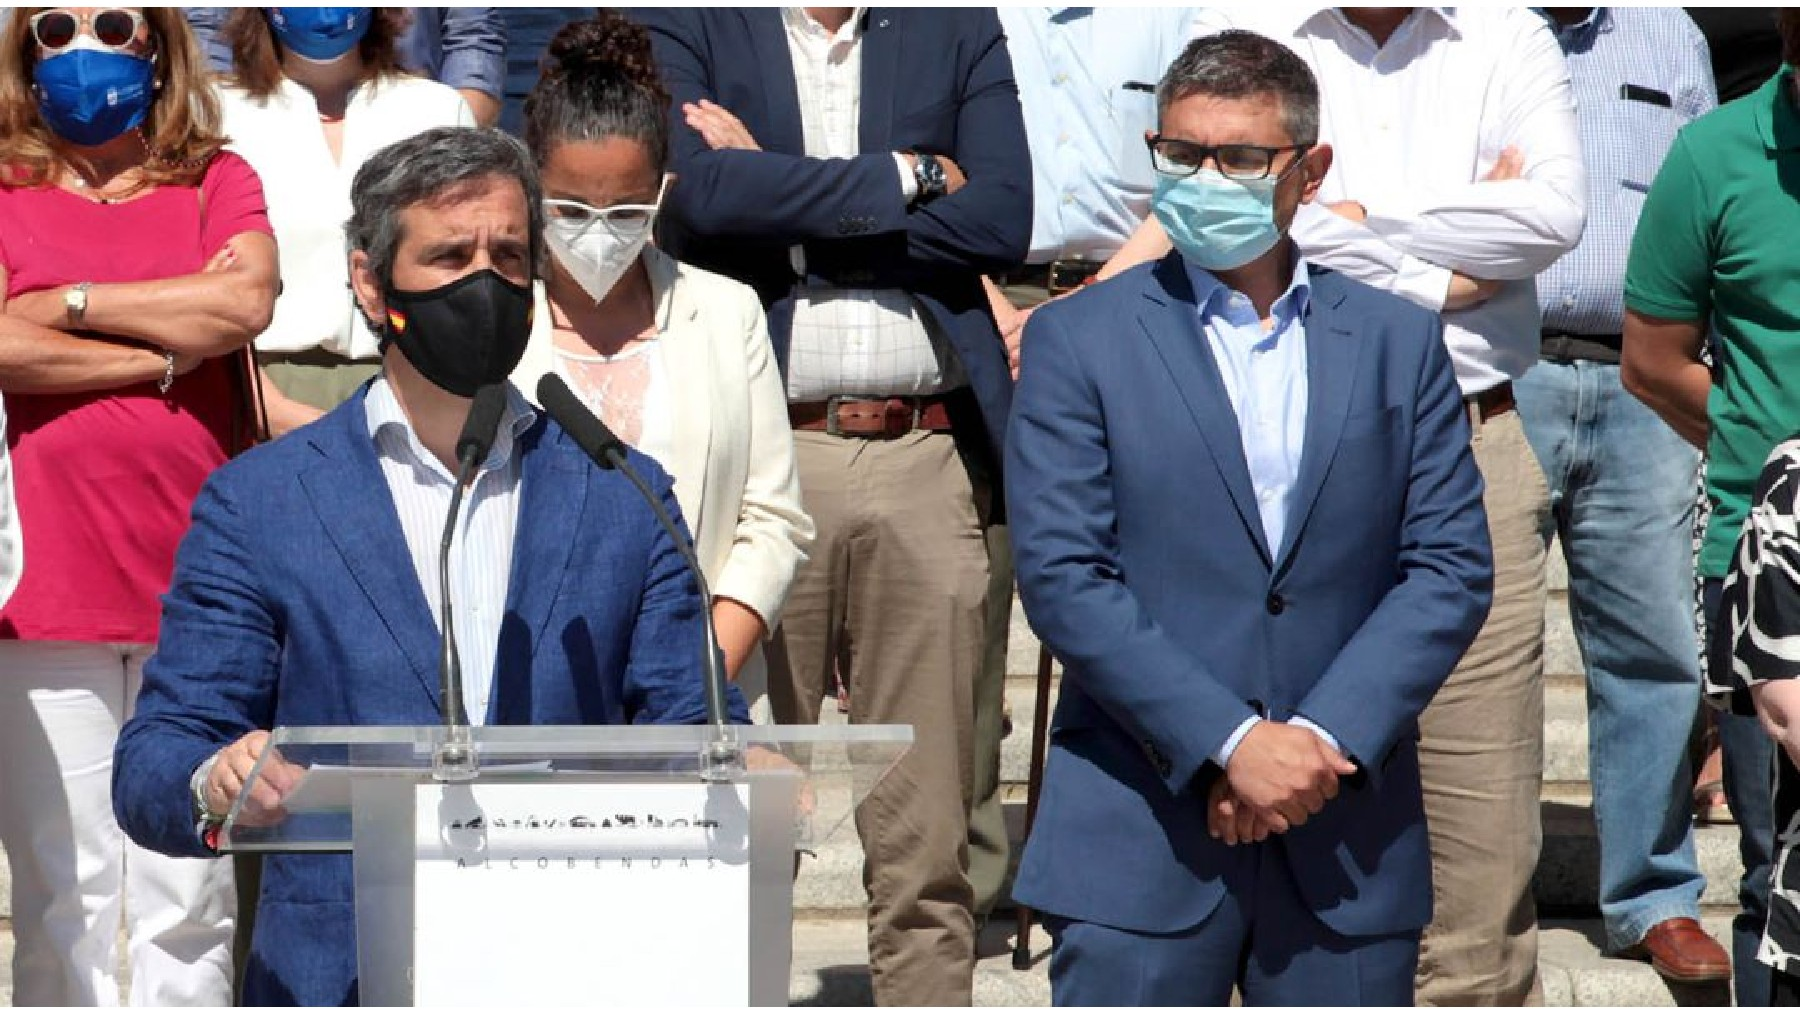 El vicealcalde de Alcobendas, Aitor Retolaza, y el alcalde, Rafael Sánchez Acera. (Foto: Ayto. Alcobendas)